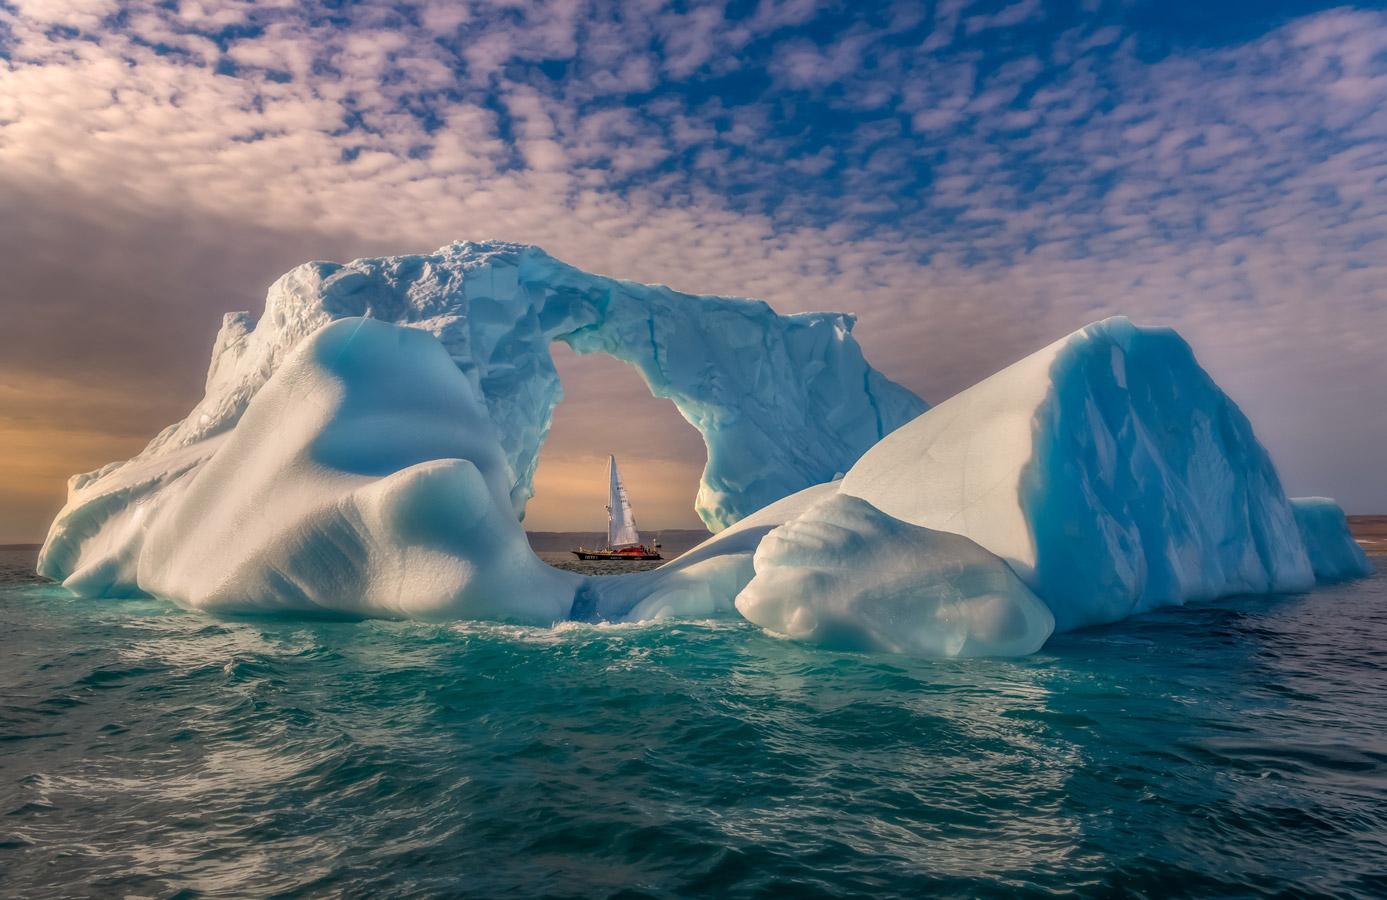 Мираж, затерянный во льдах, © Дмитрий Моисеенко / Dmitry Moiseenko, Россия, 3 место в номинации «Пейзаж — день», Фотоконкурс 35AWARDS — 100 Best Photos